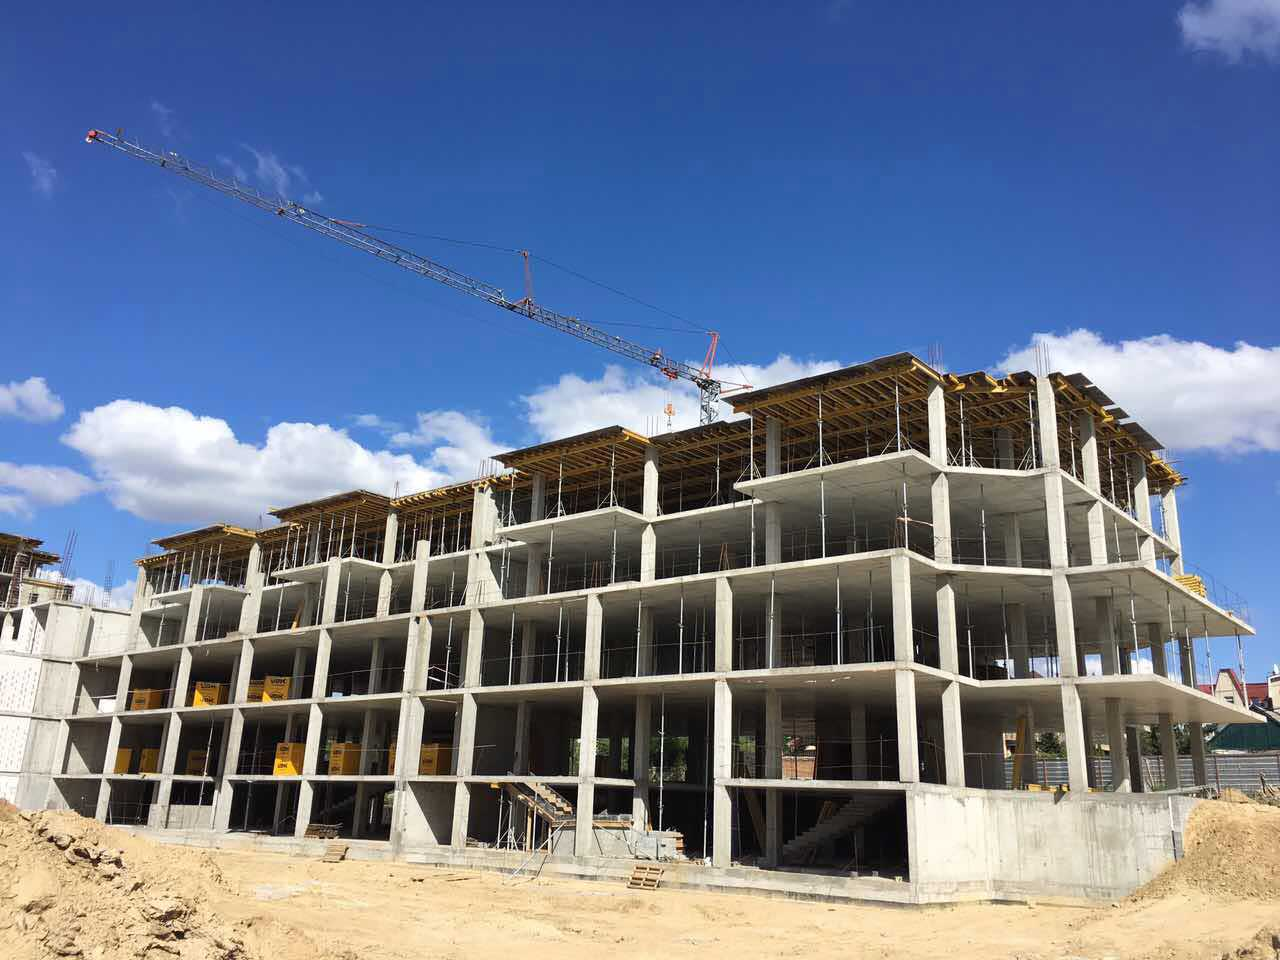 Секции 8-9. Заливаем бетоном перекрытия 4-5 этажа